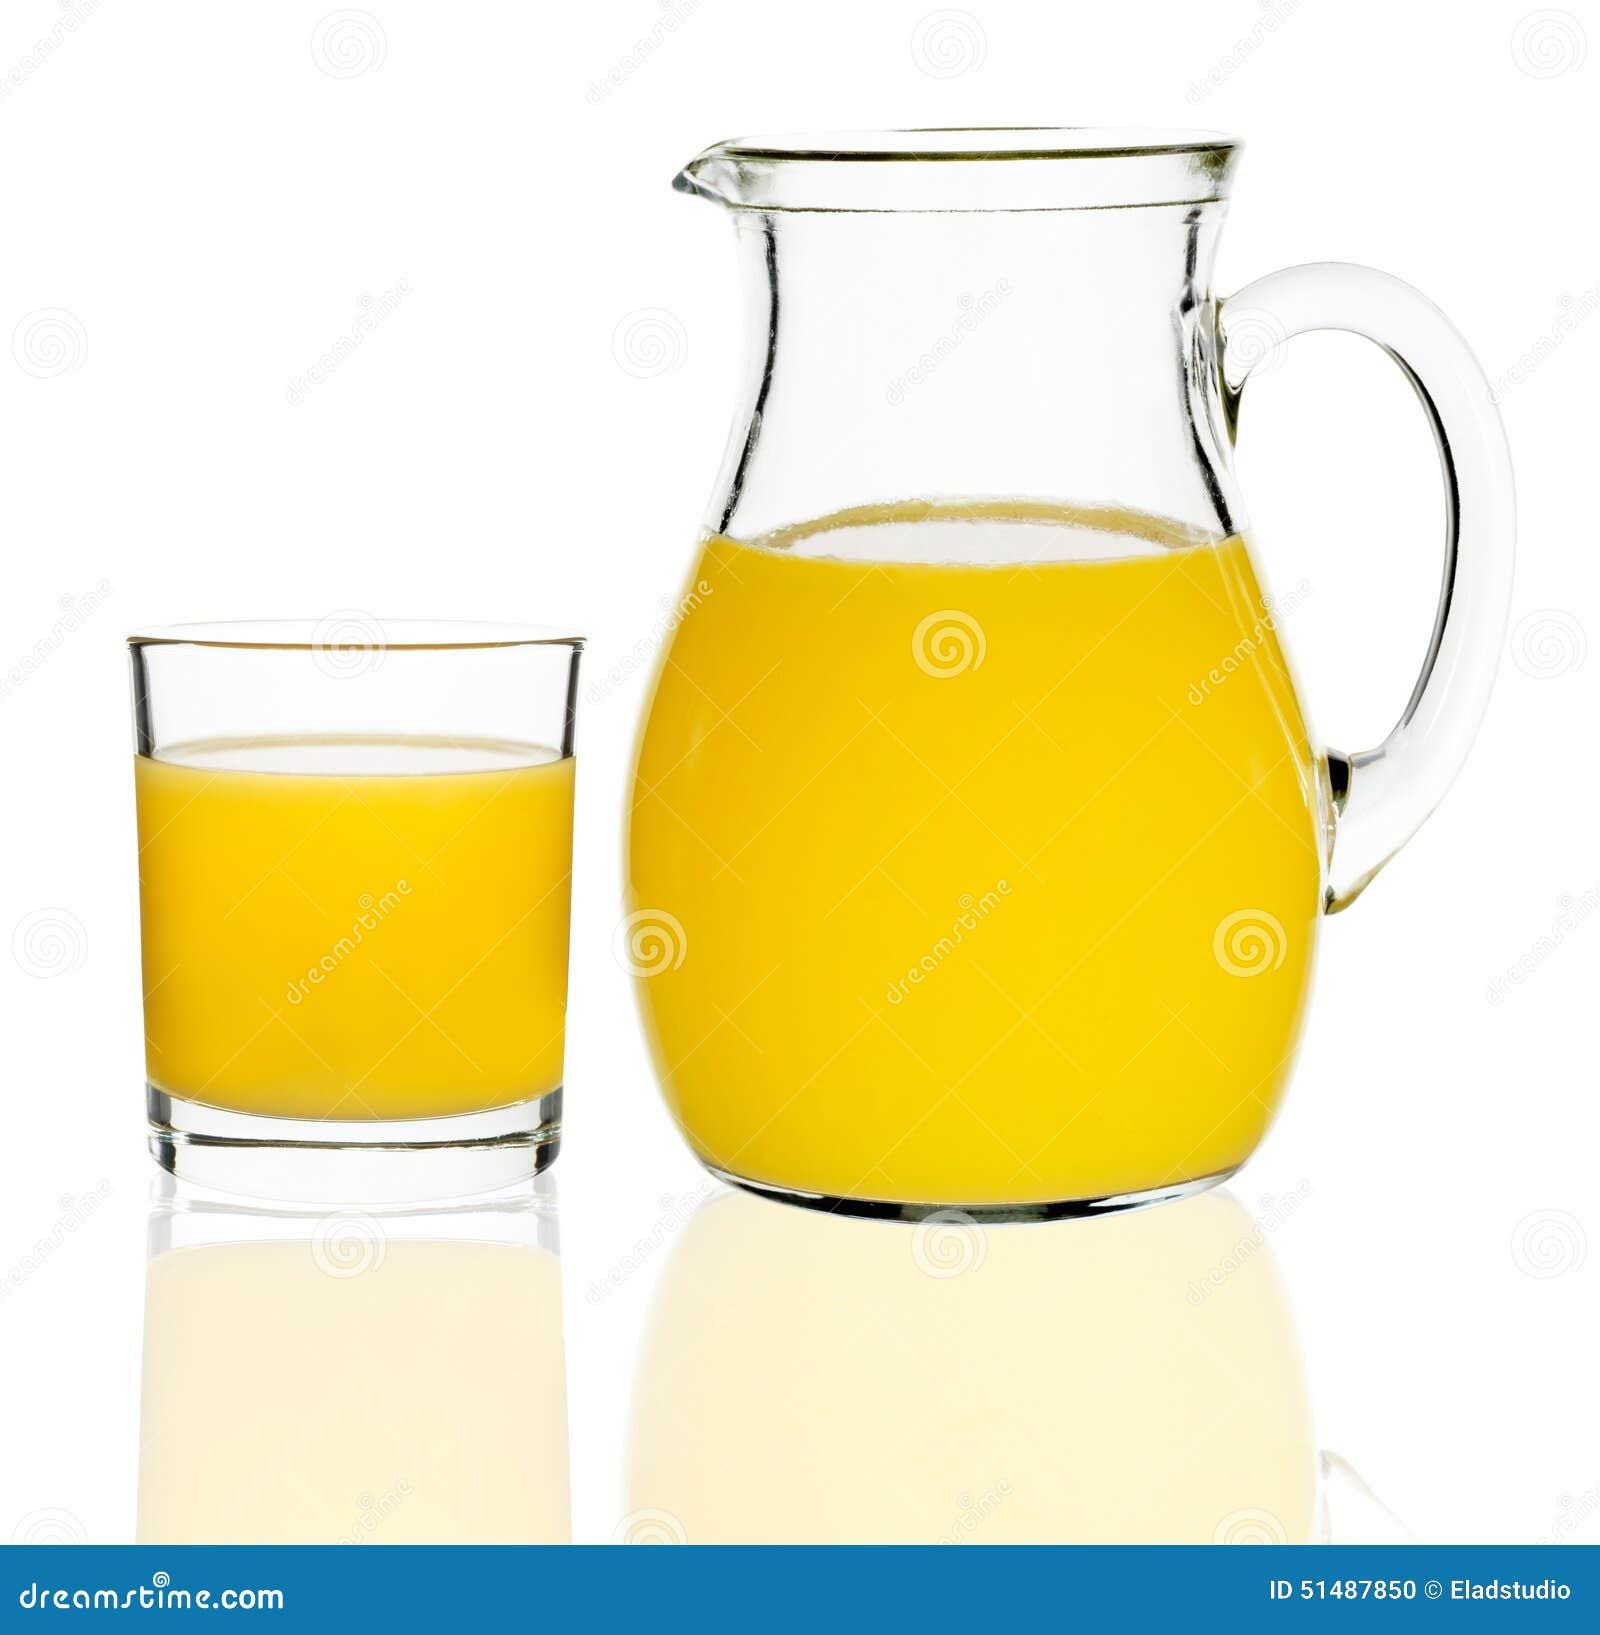 orangensaft in einem glas und in einer karaffe stockfoto. Black Bedroom Furniture Sets. Home Design Ideas